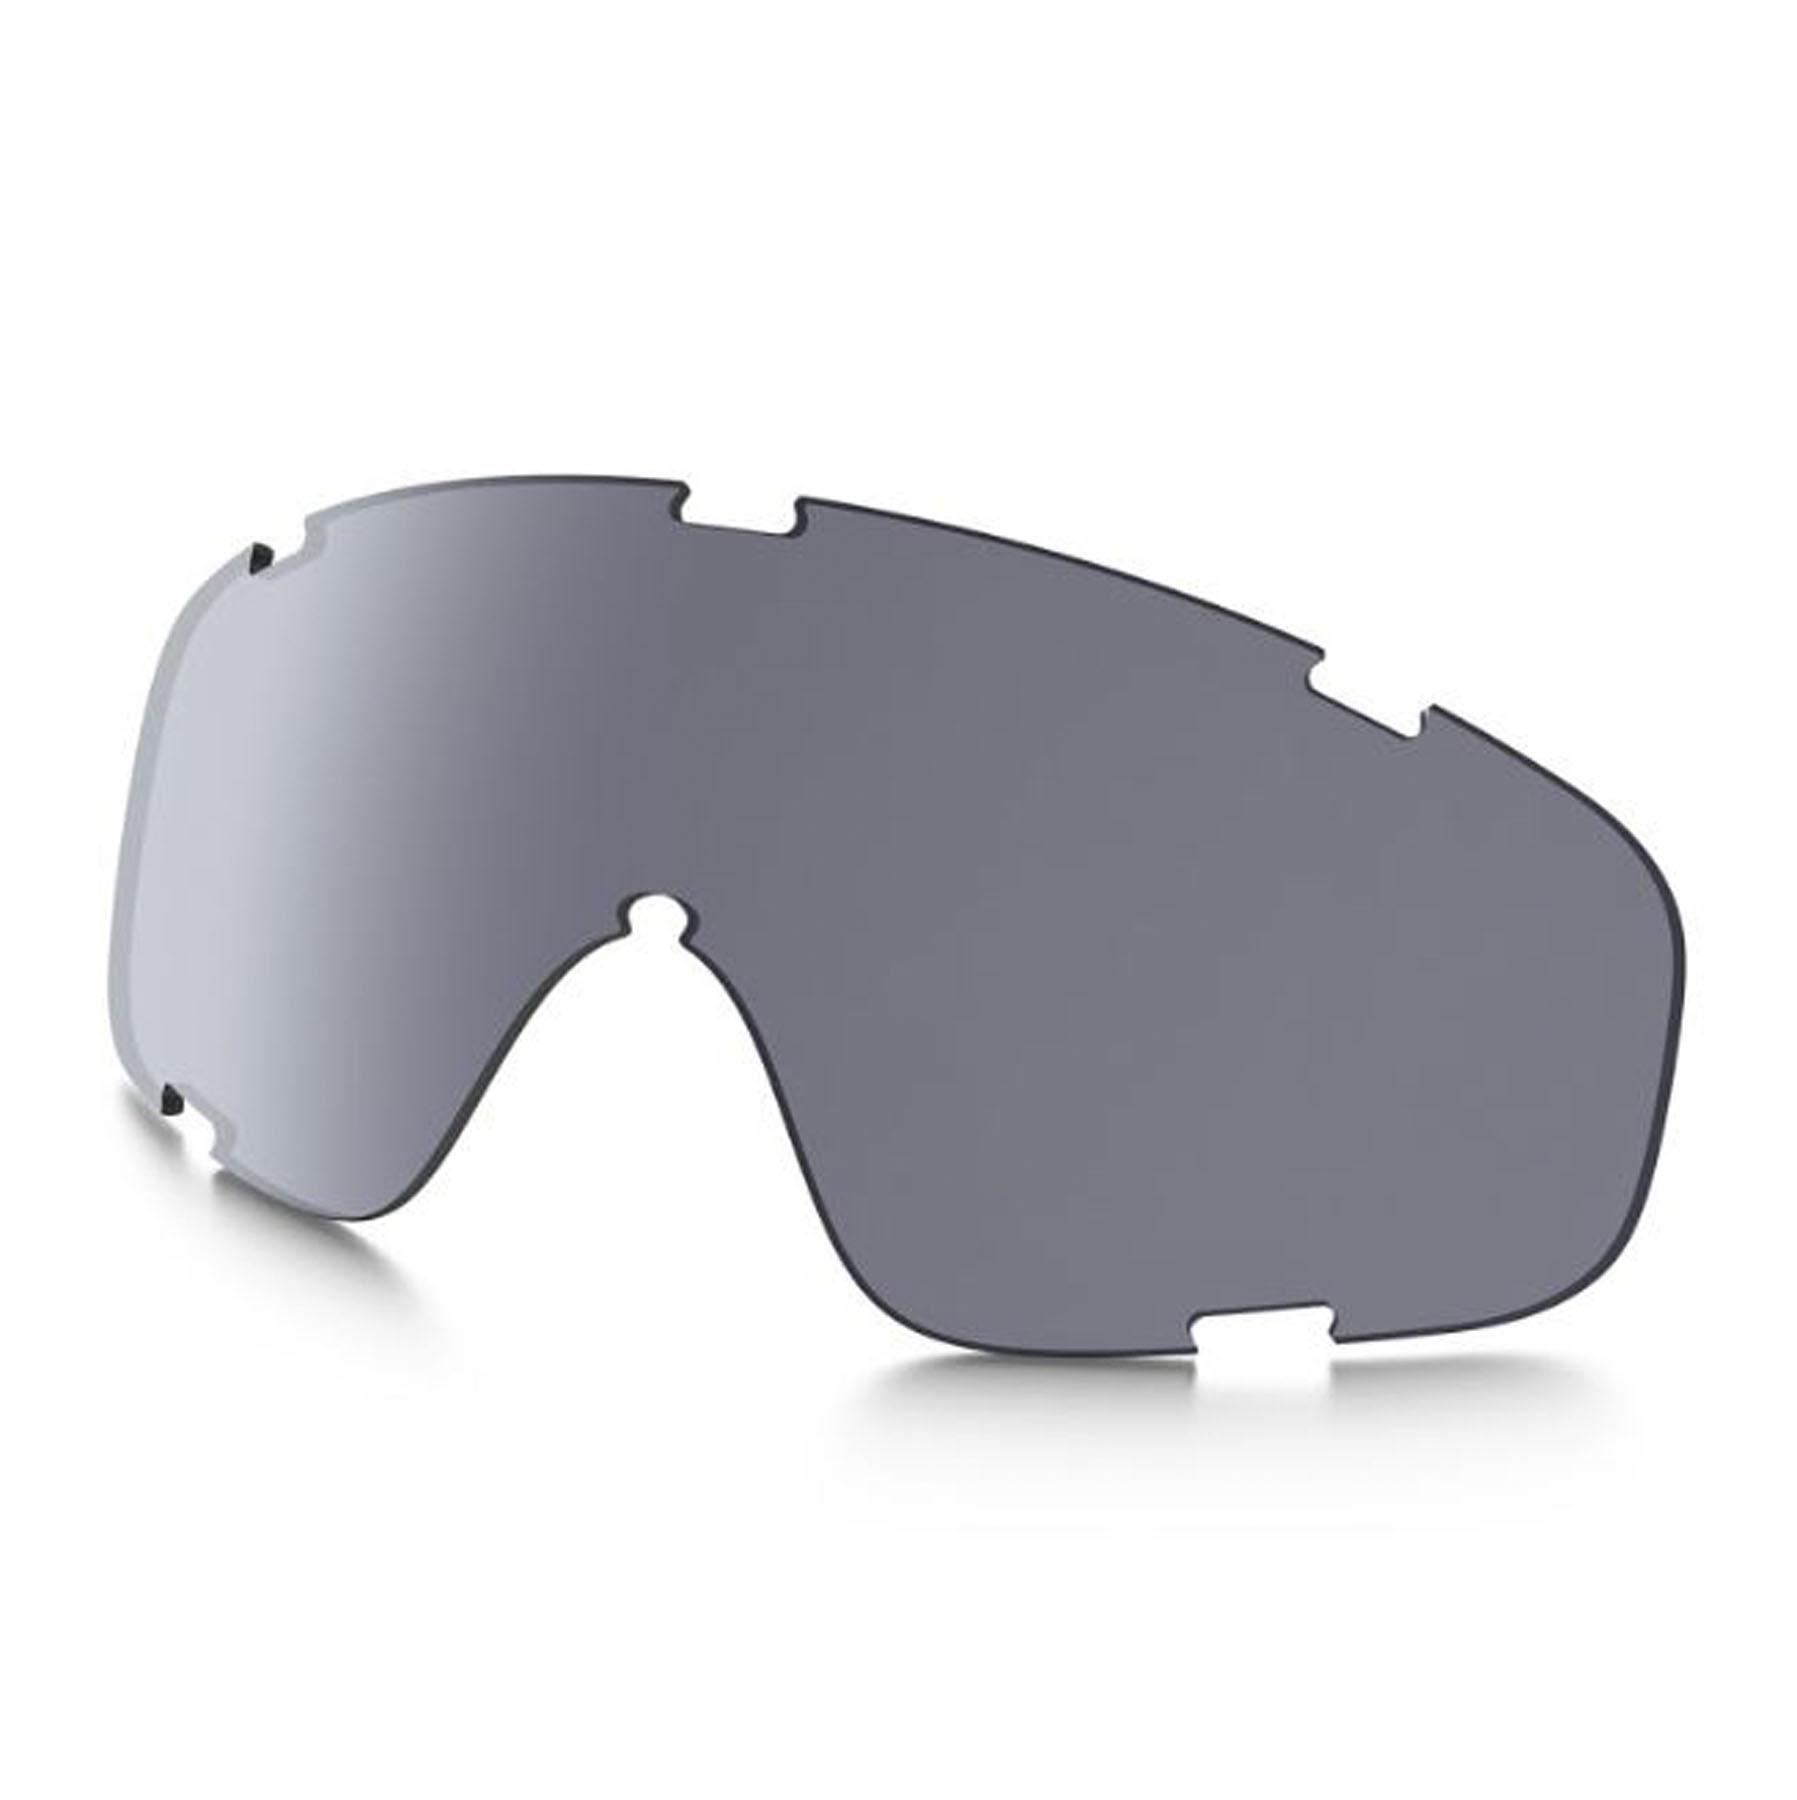 ebf1336f7a214 Oakley SI Ballistic Goggle Replacement Lenses